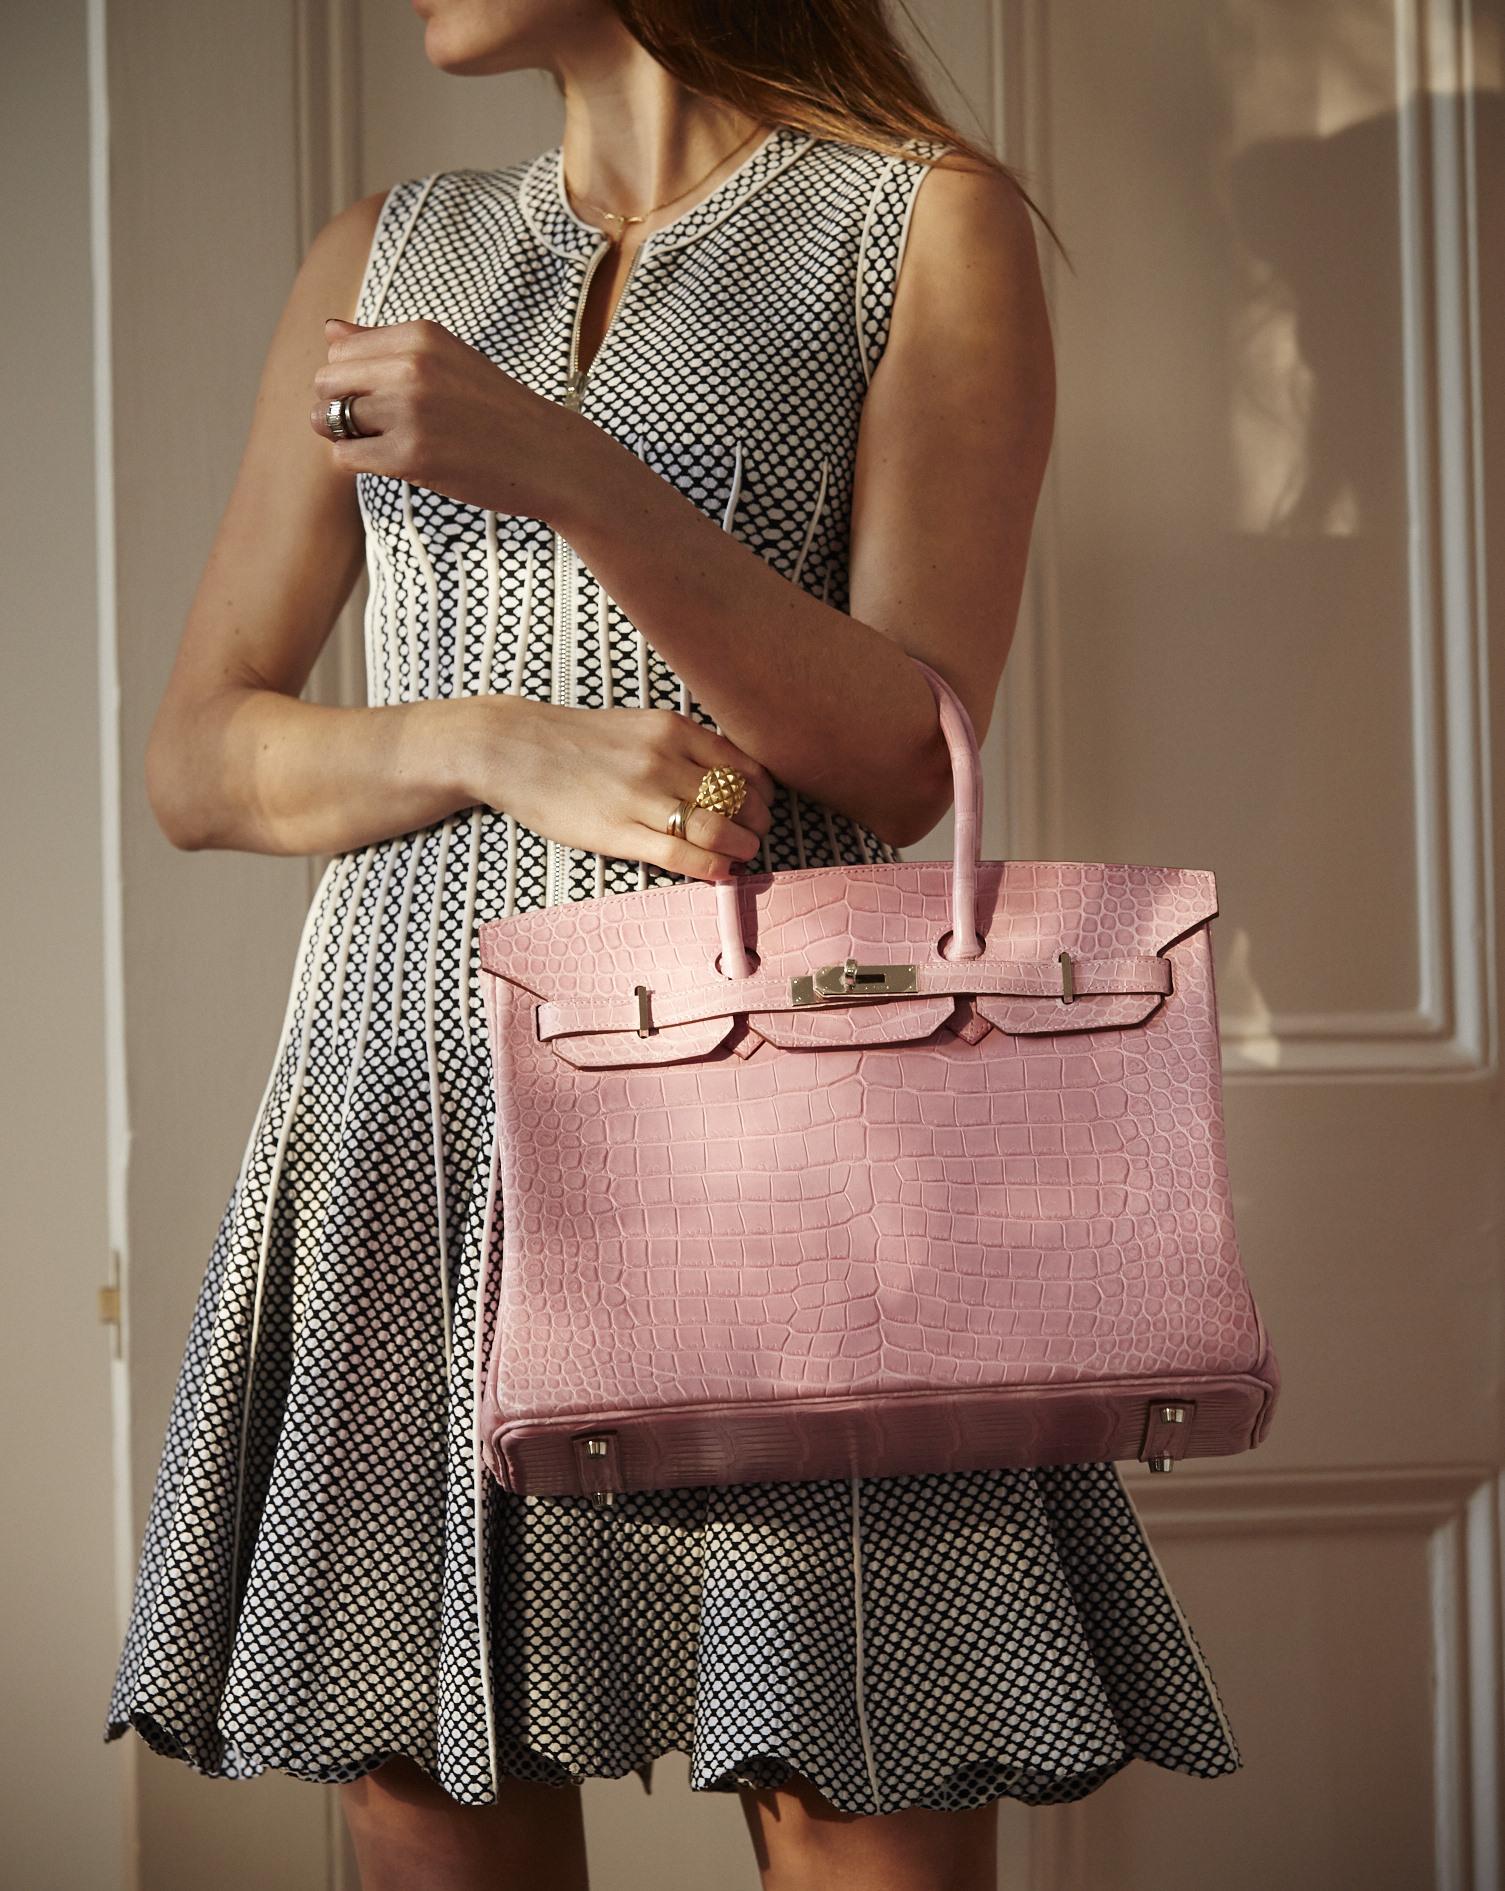 Lady holding pink Hermes Birkin bag